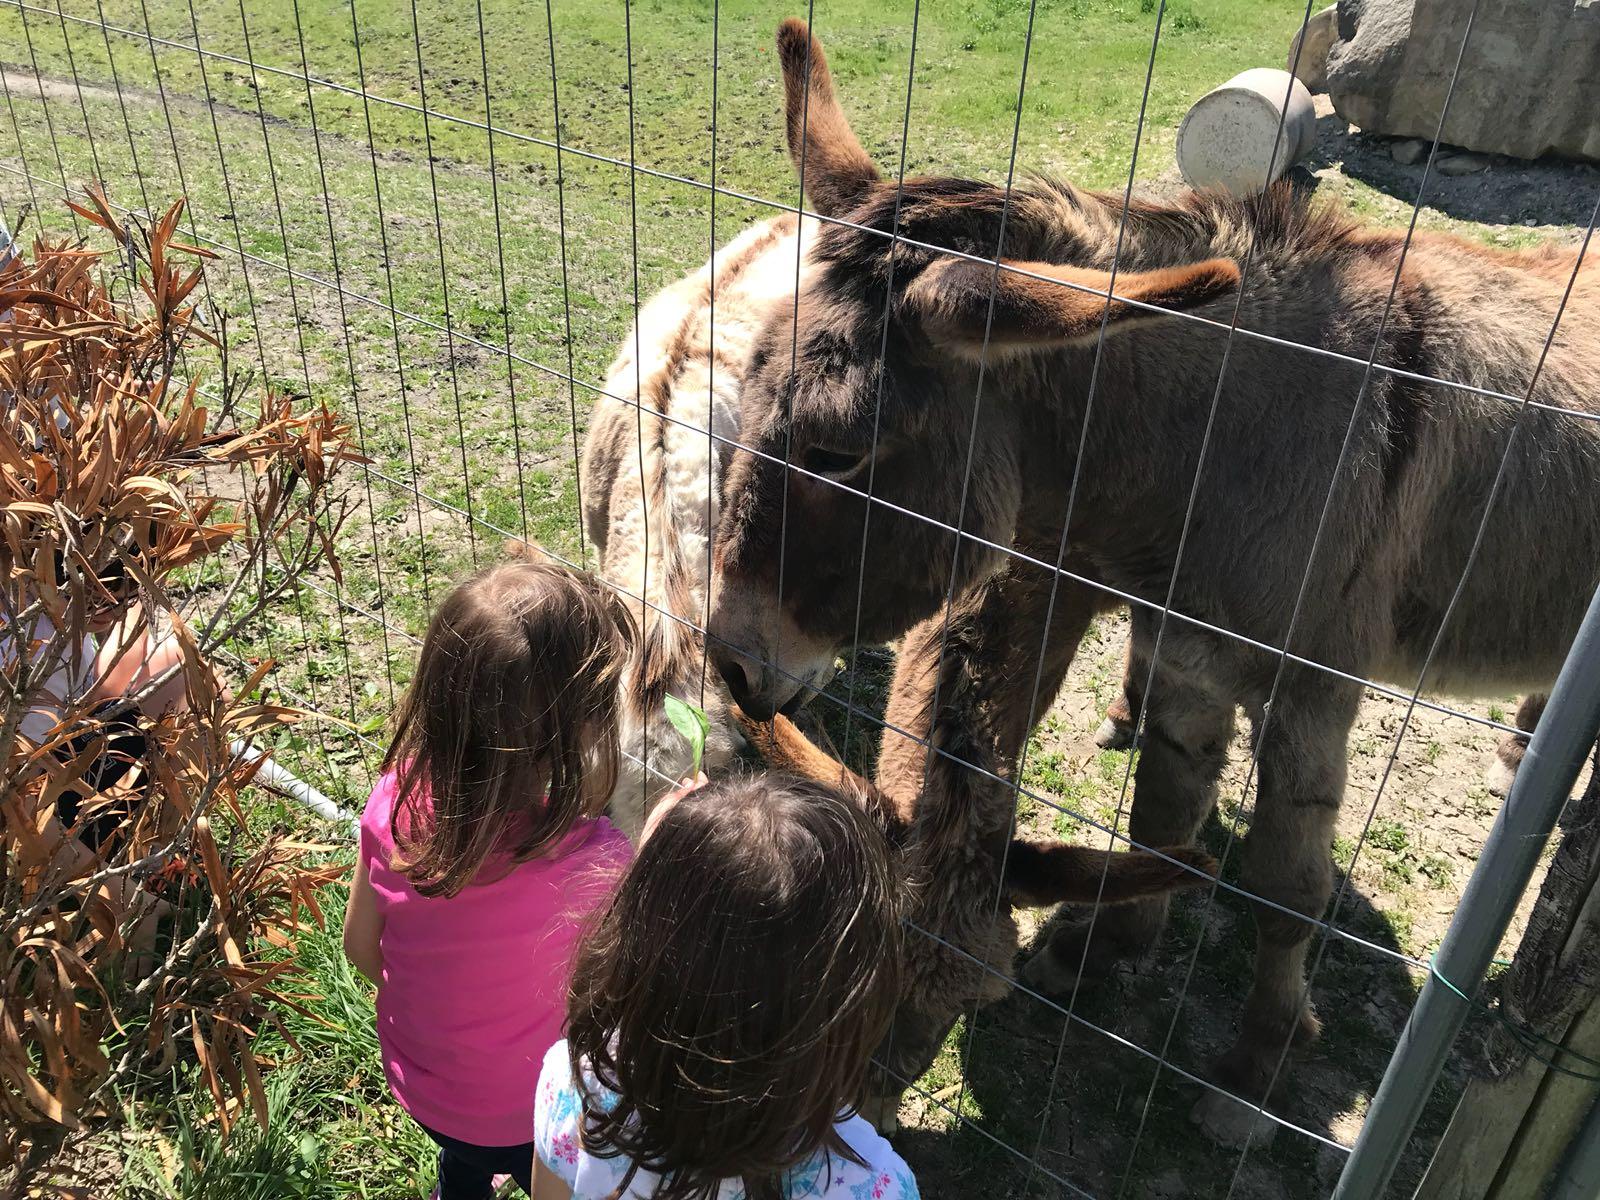 Bambini a vedere gli animali in Umbria